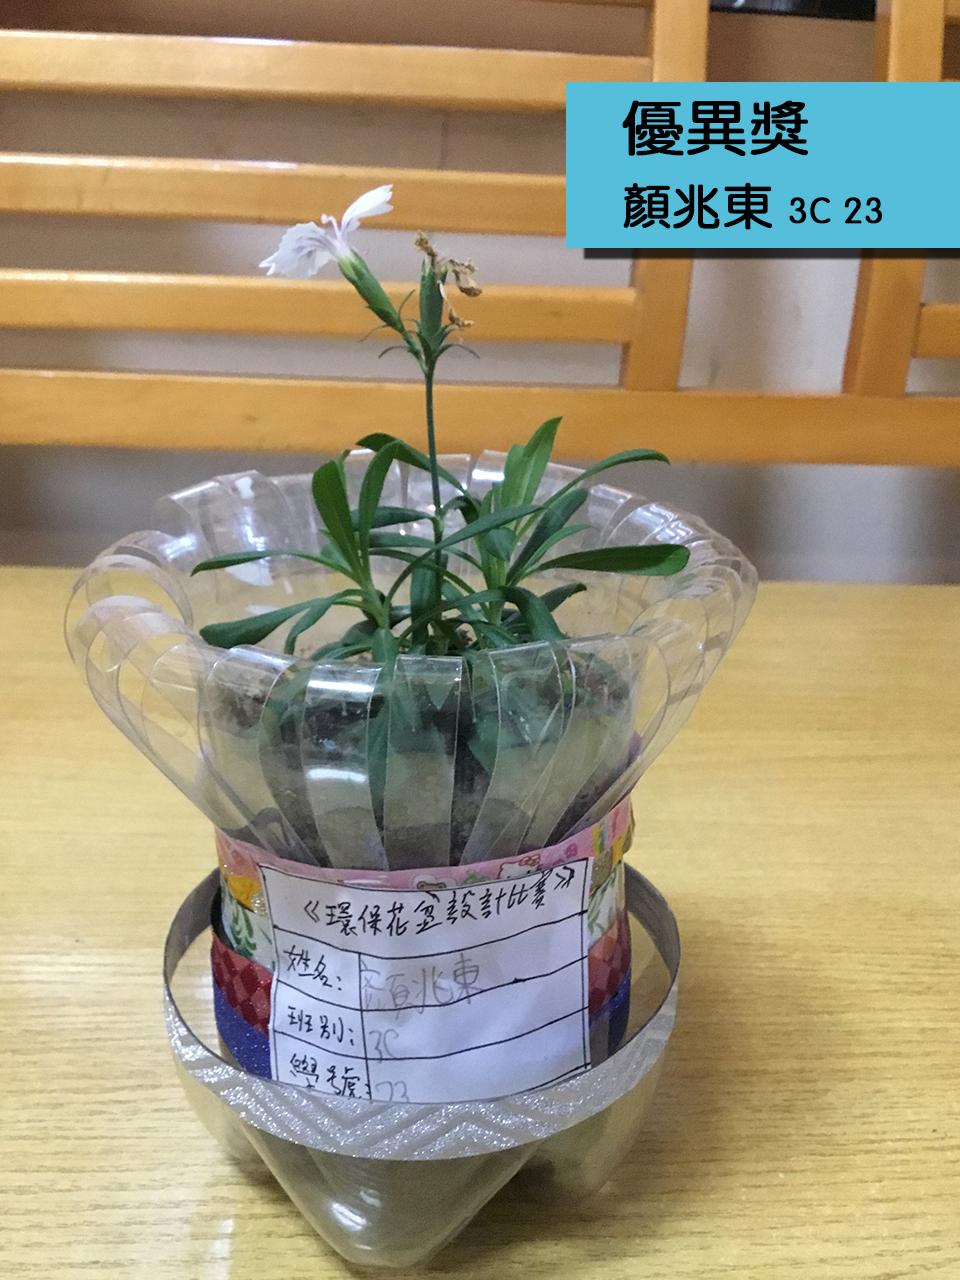 https://plkcjy.edu.hk/sites/default/files/you_yi_jiang_3c_23_yan_zhao_dong_.jpg